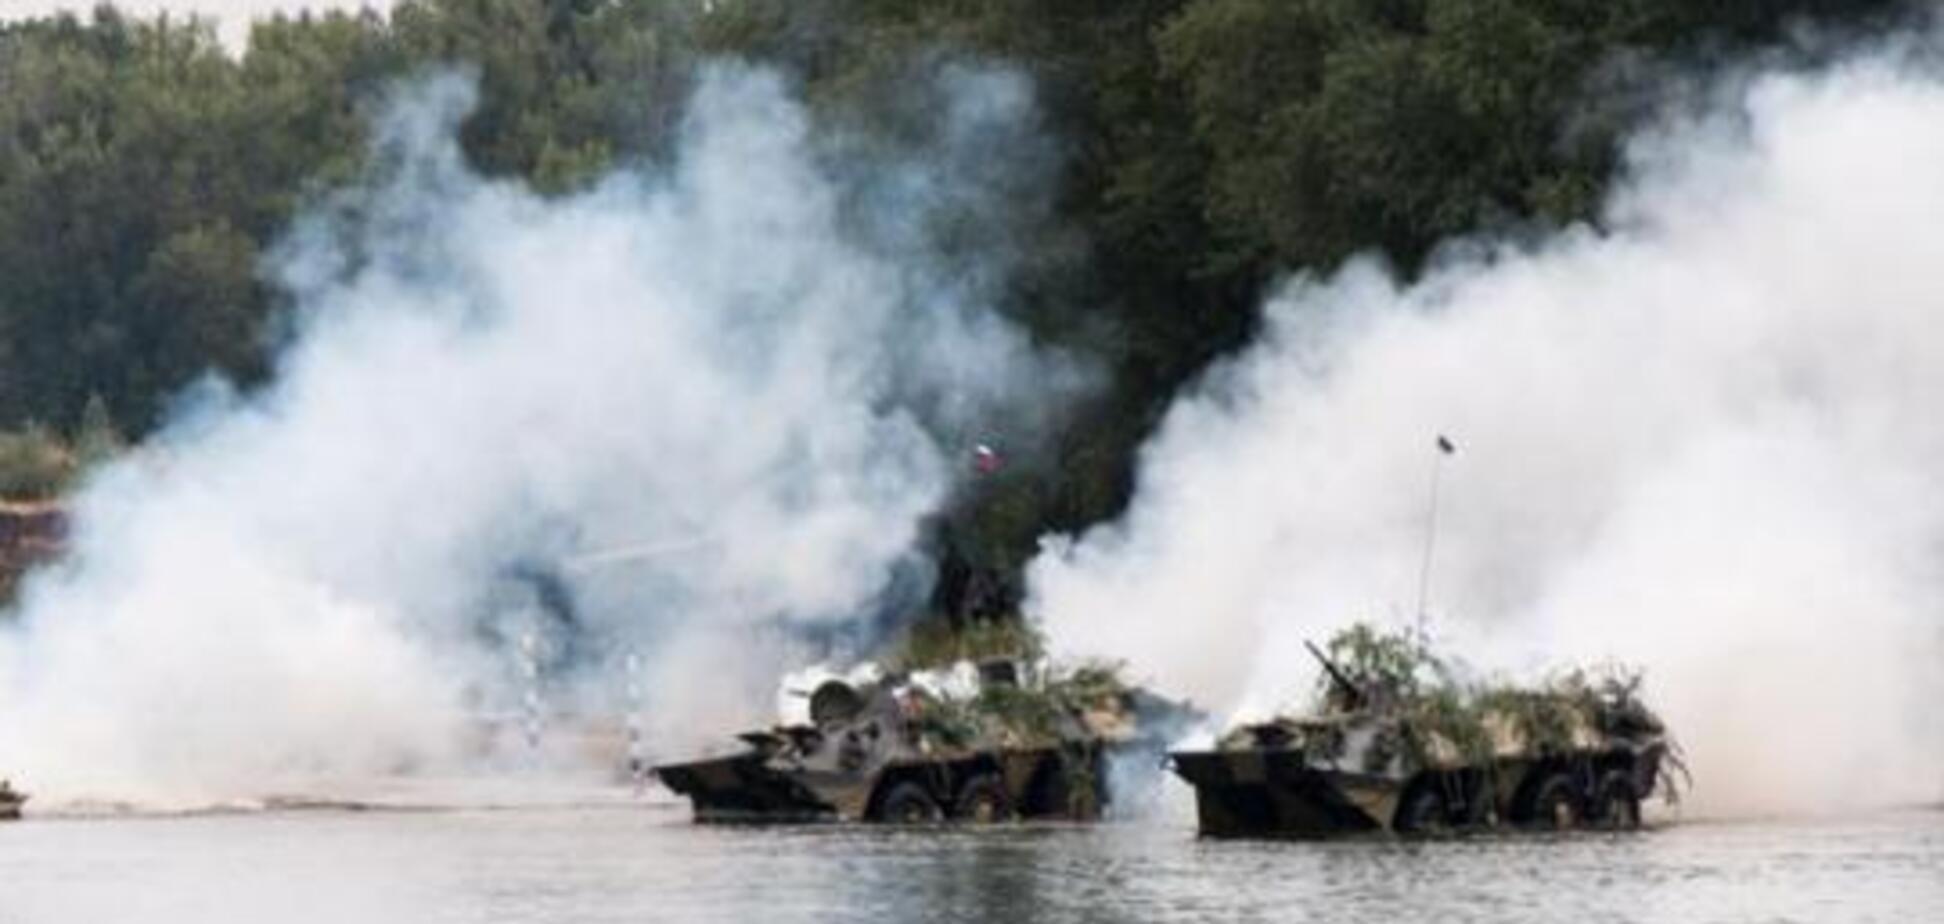 Провокація військ РФ у Придністров'ї: чи було 'вторгнення' в Україну?